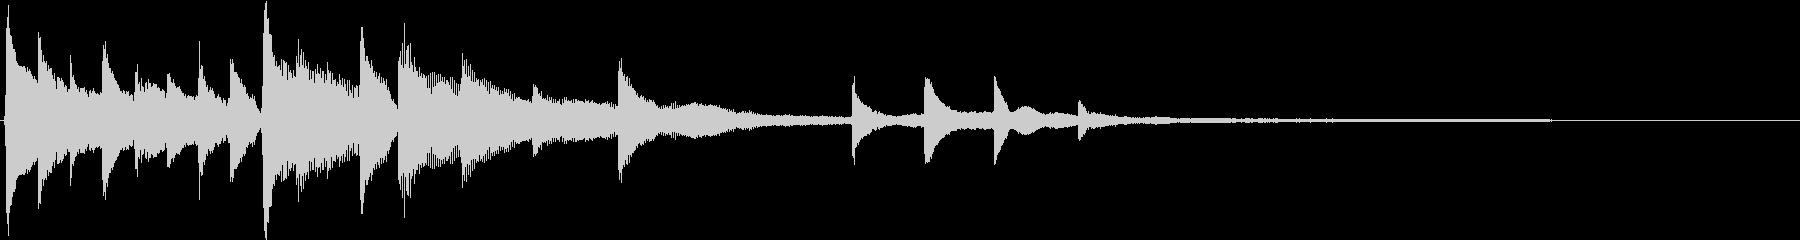 ドラマチック・物語風のピアノサウンドロゴの未再生の波形